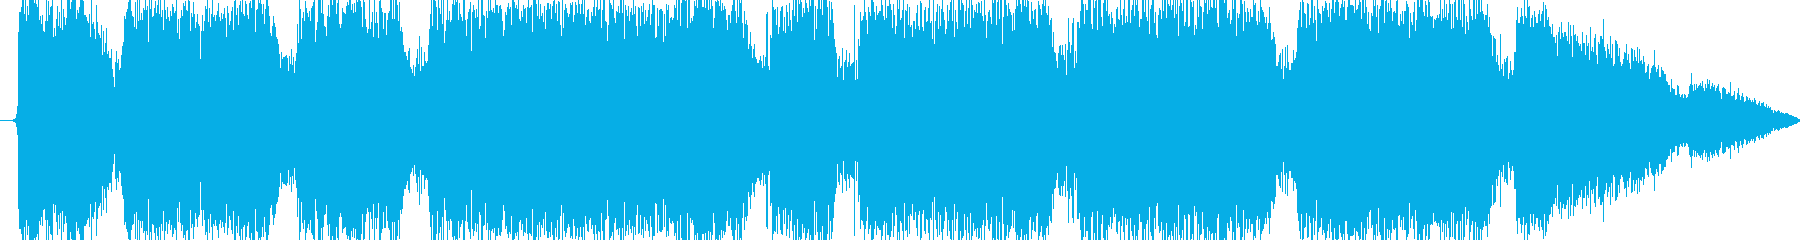 雷魔法(ほとばしる電撃)の再生済みの波形